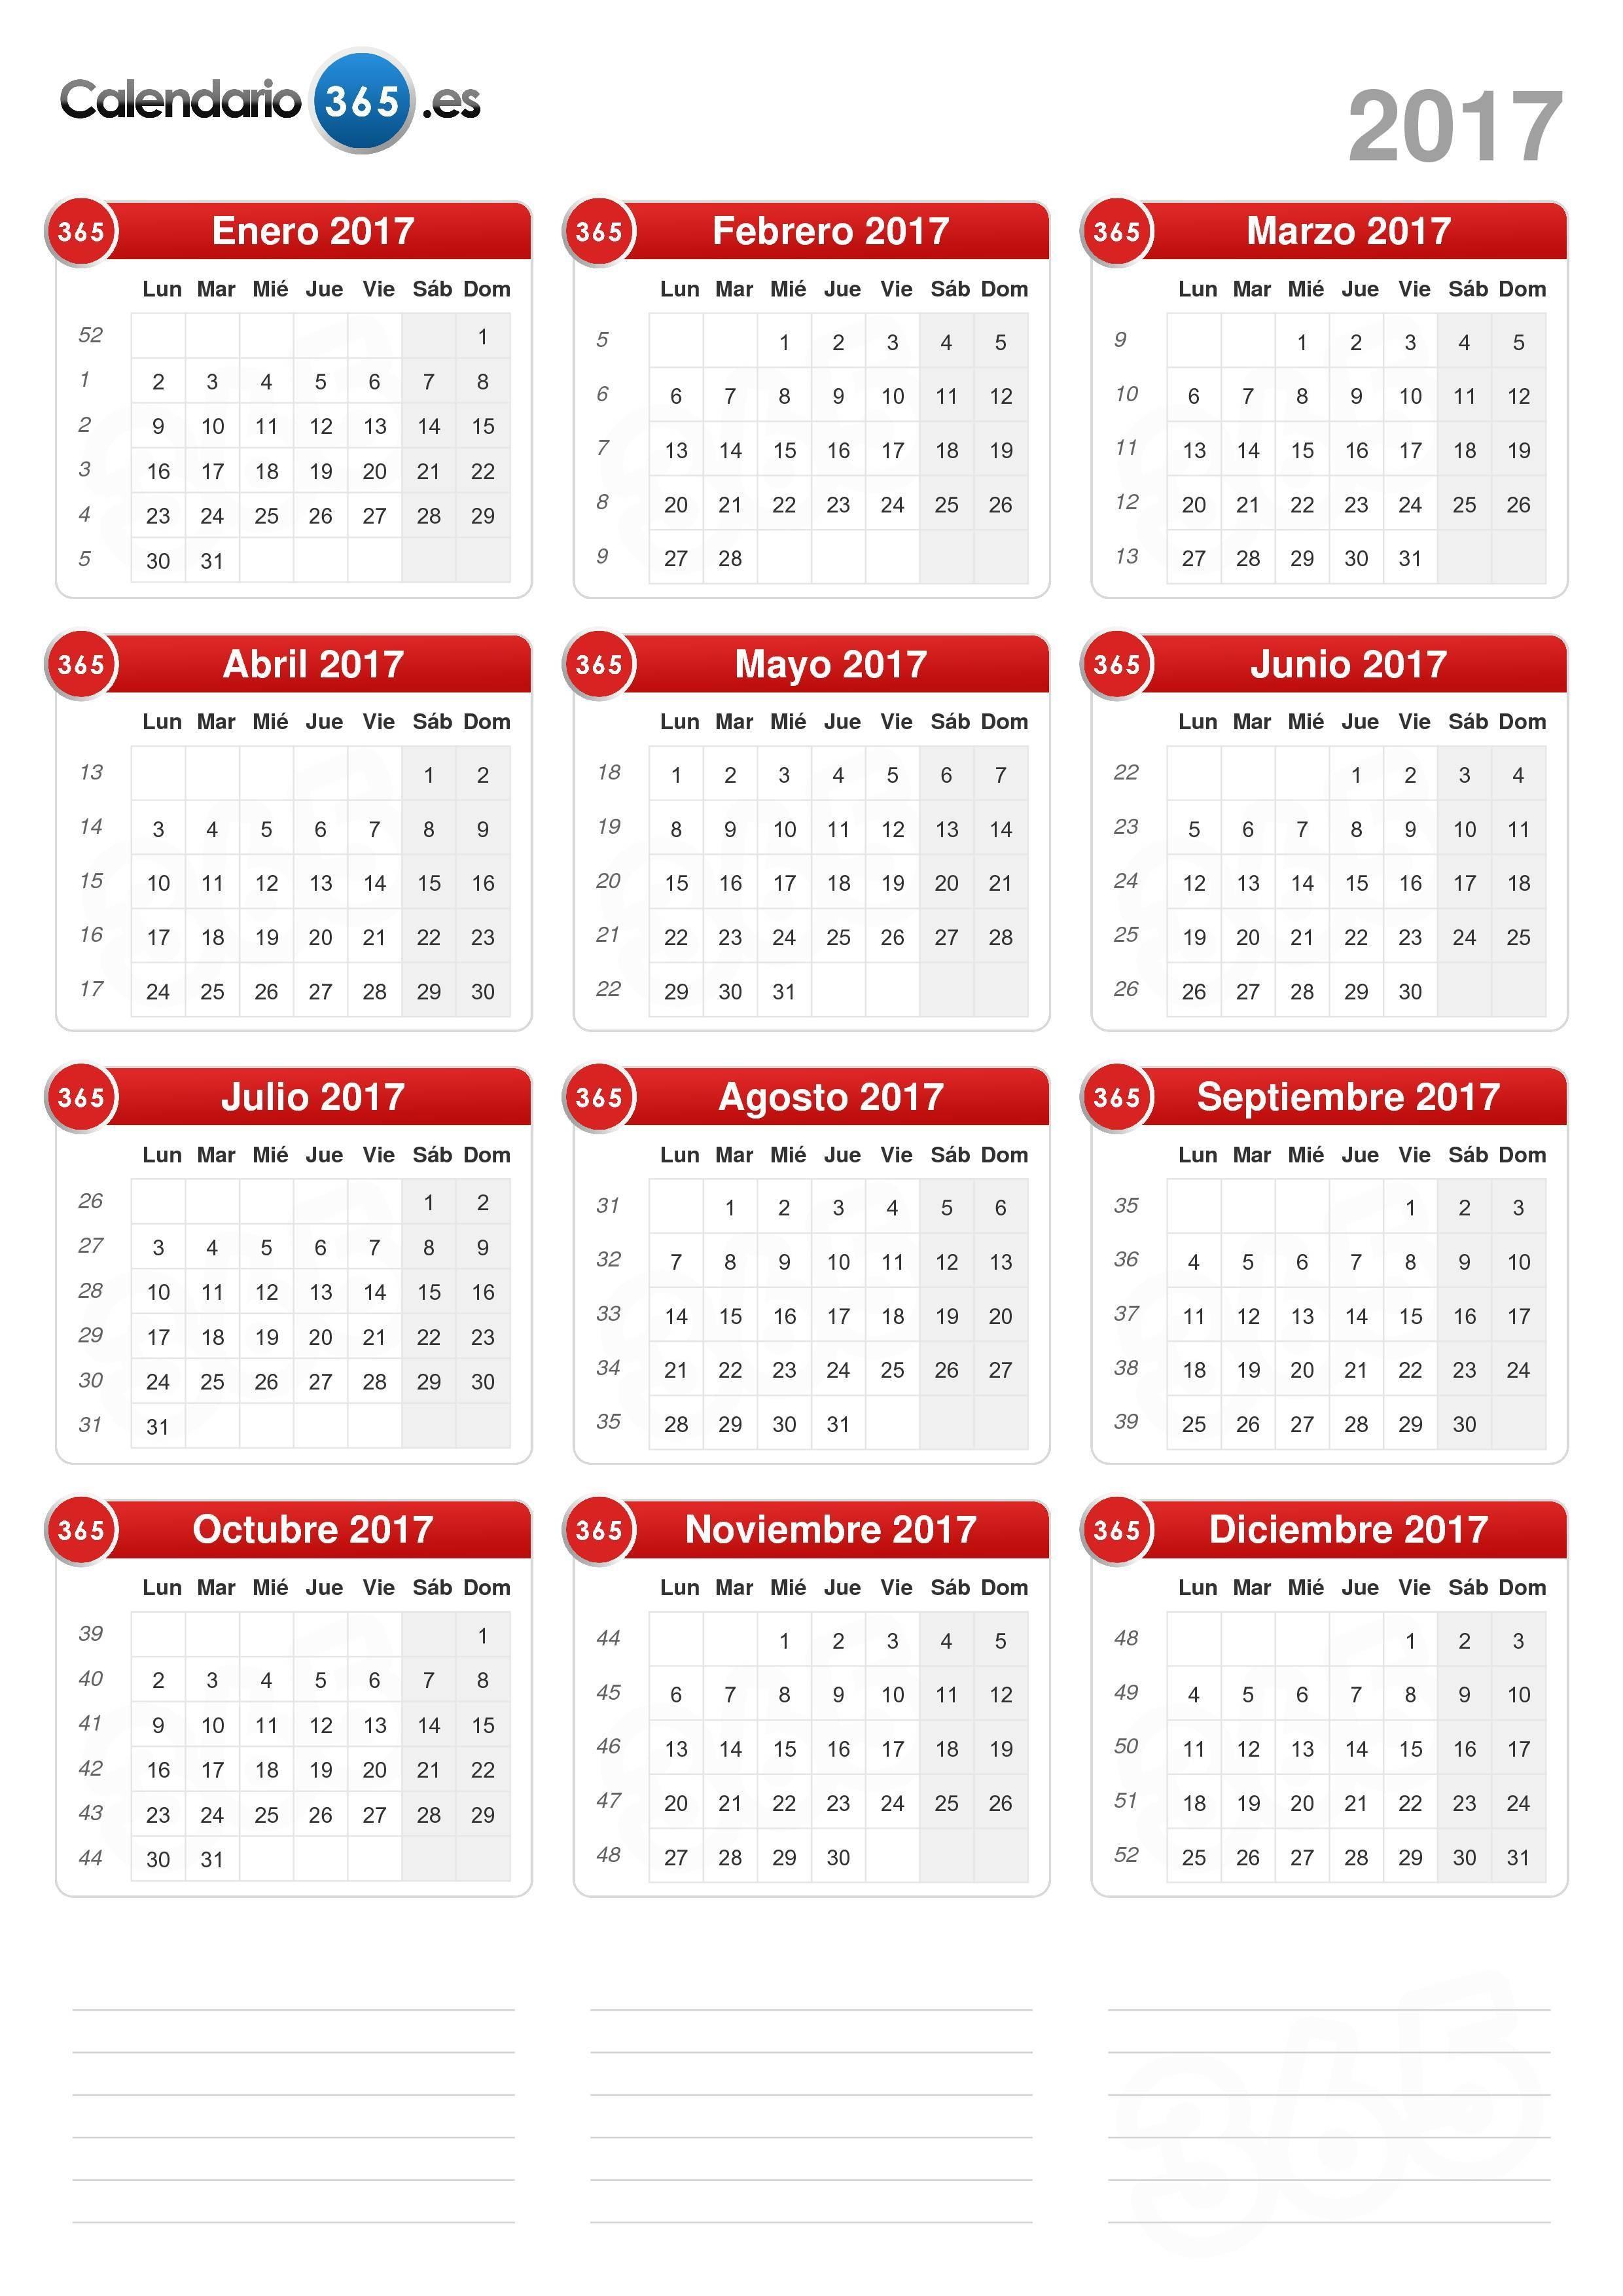 Calendario Para Imprimir De Julio Y Agosto 2019 Más Caliente Calendario 2017 Of Calendario Para Imprimir De Julio Y Agosto 2019 Más Recientes Diseo De Calendario Amazing Diseo De Calendarios with Diseo De